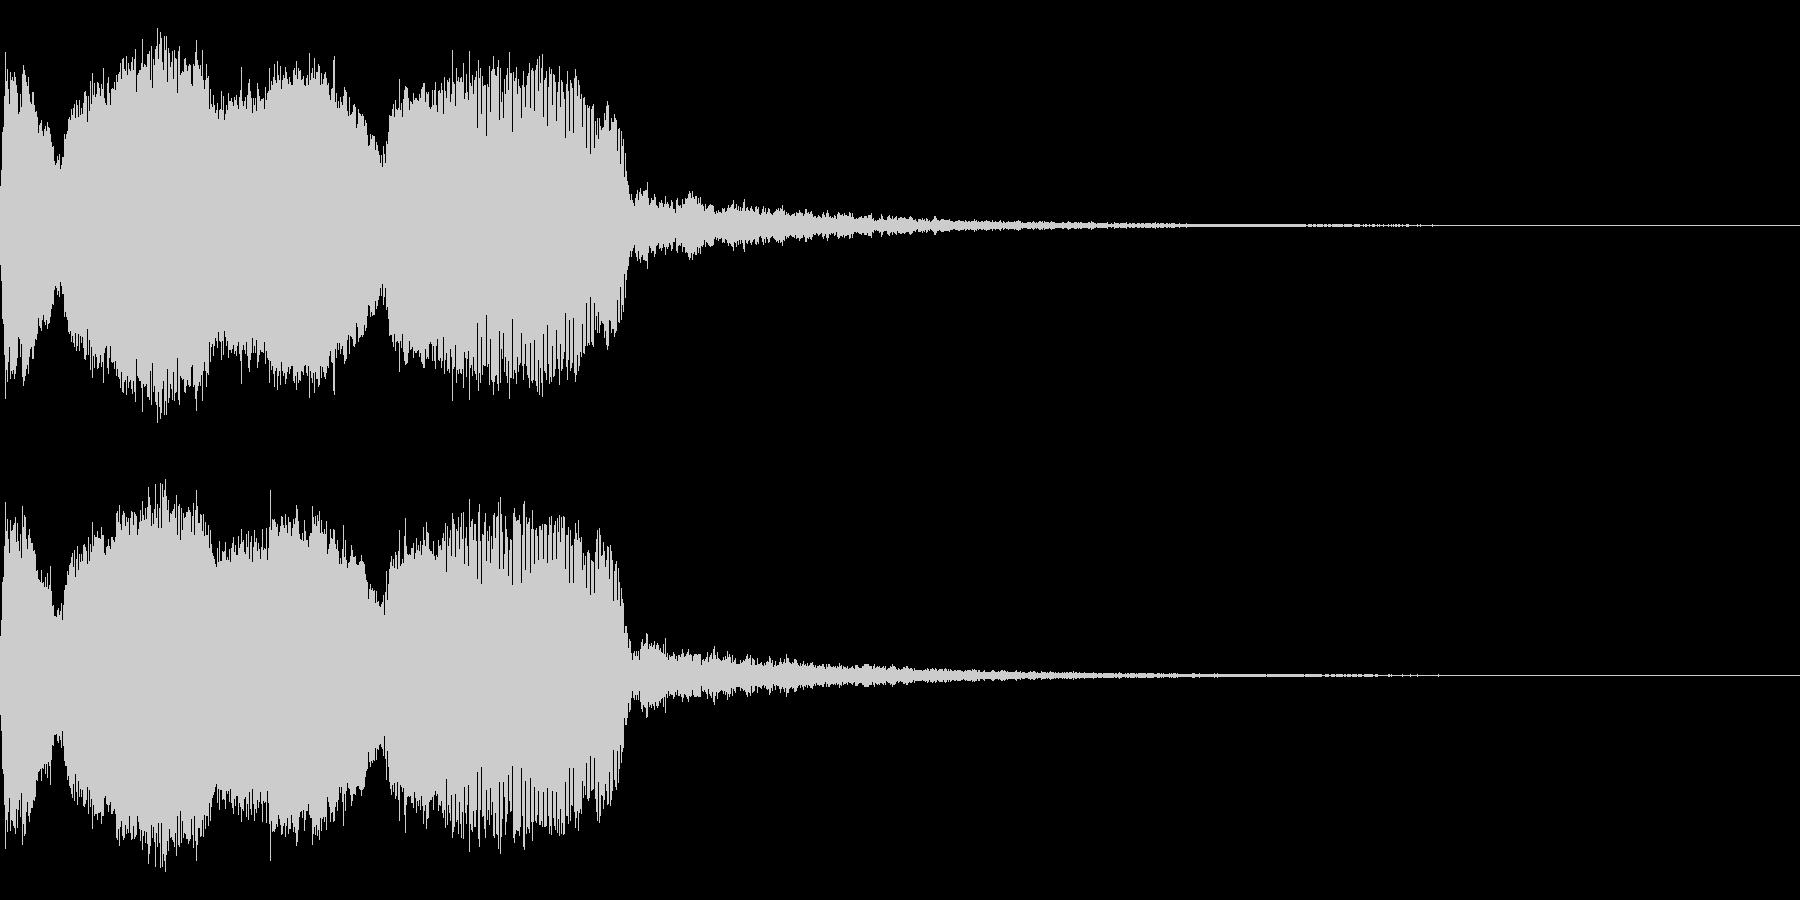 DJFX ヒットチャート発表前SE 23の未再生の波形